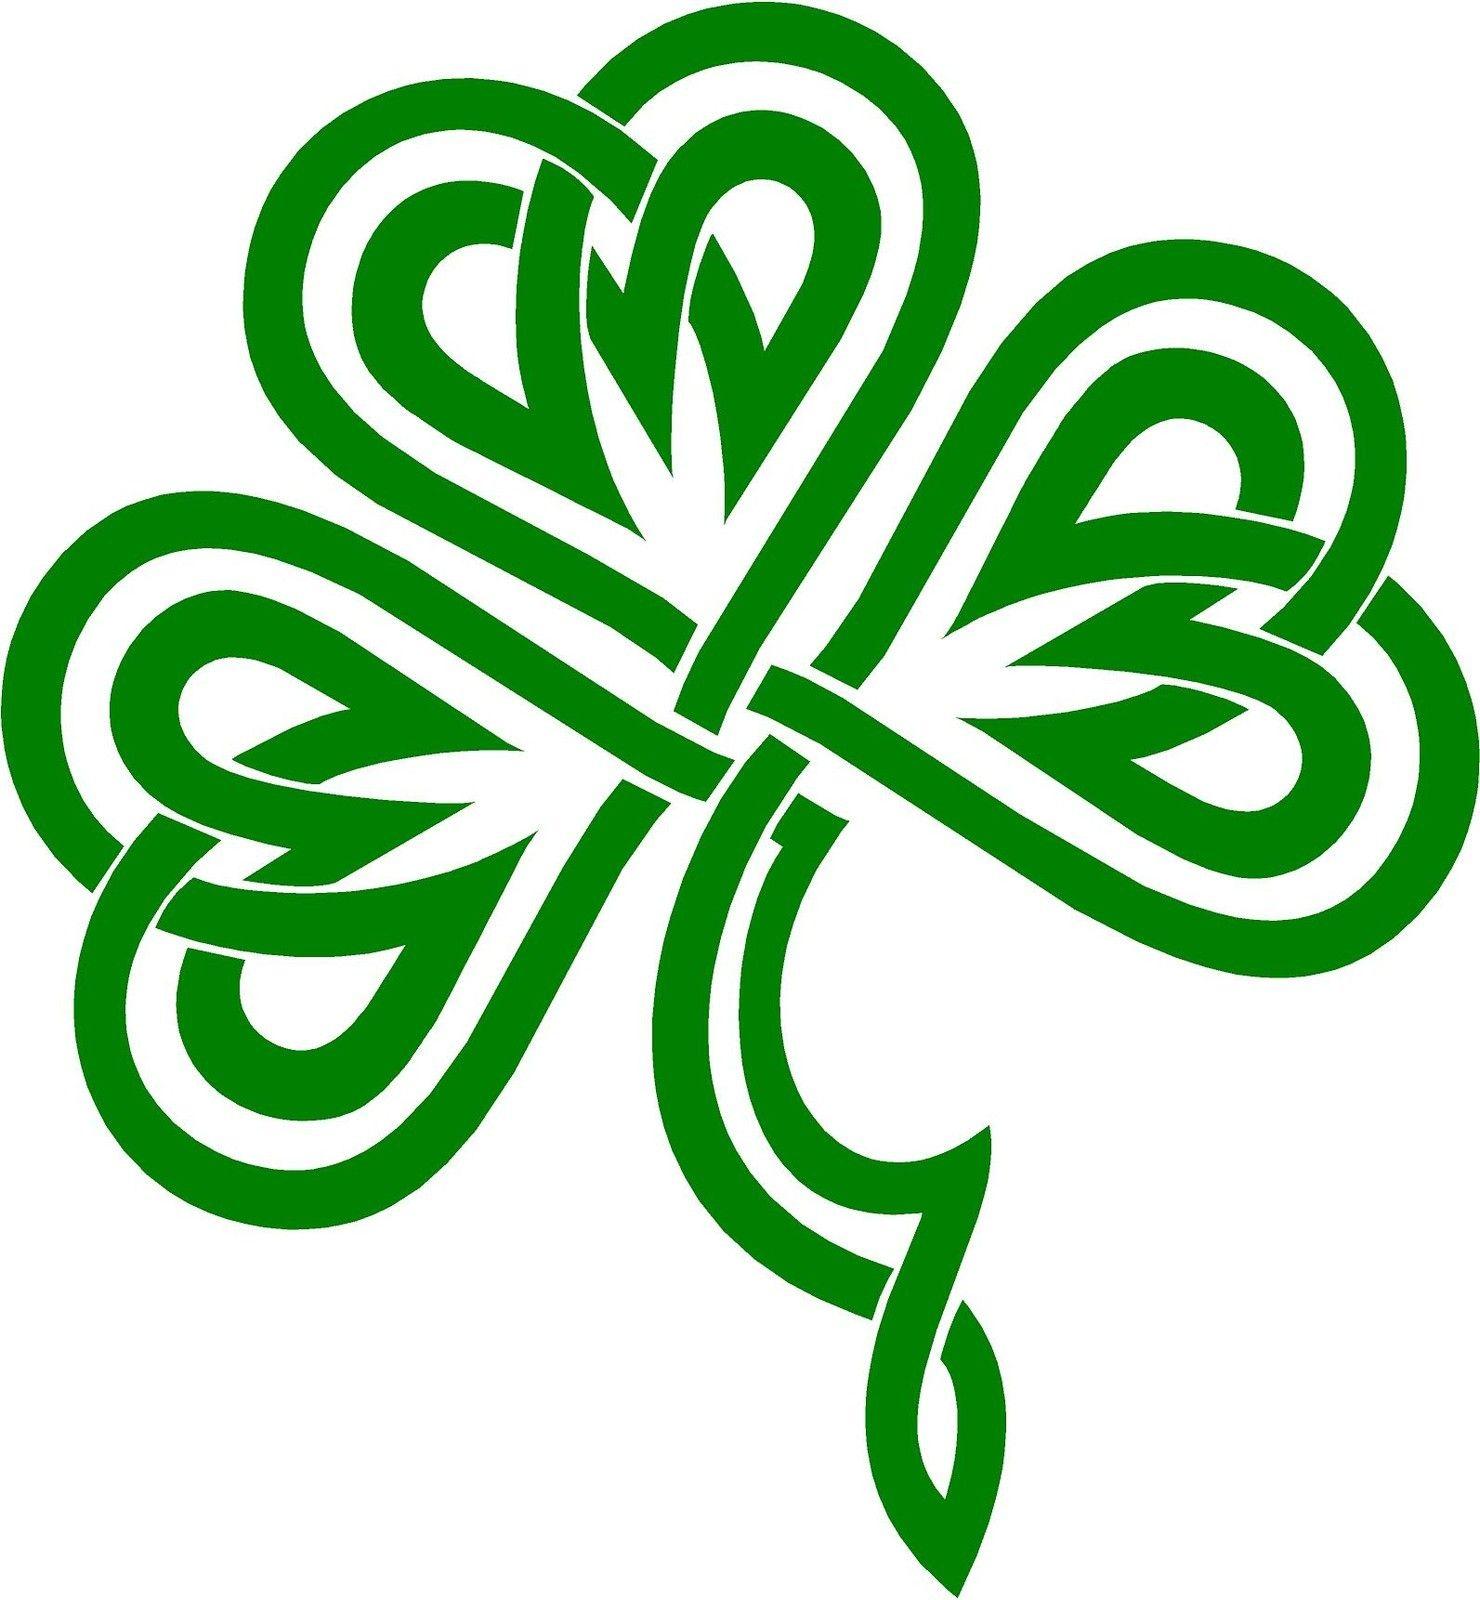 Celtic shamrock - number 4 favourite - tied